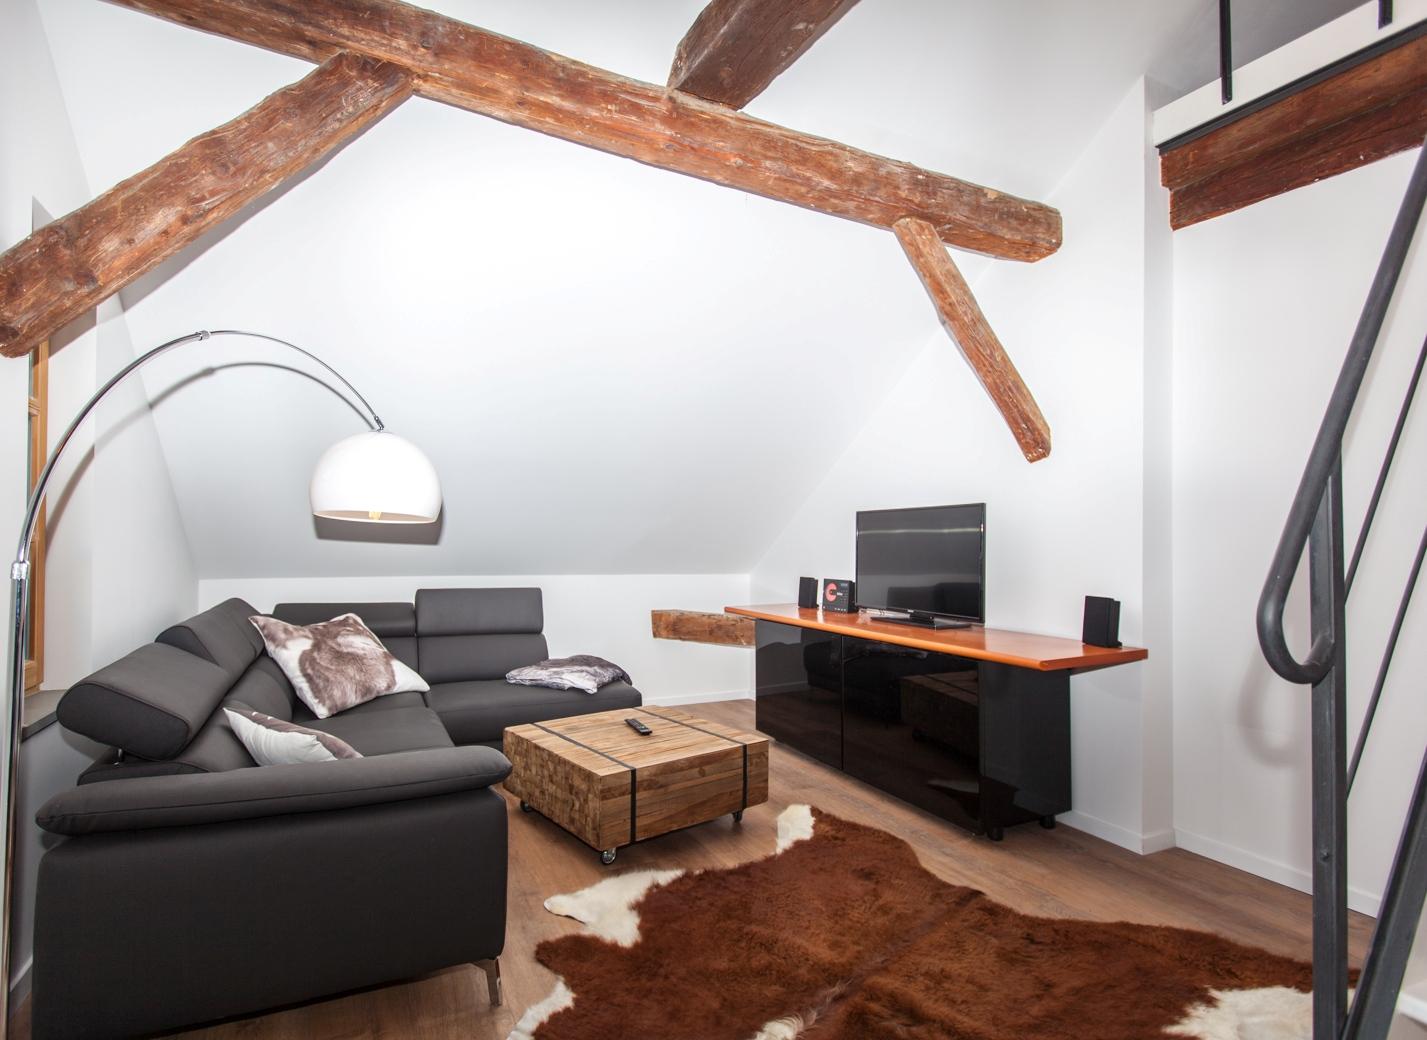 Ferienwohnung Georg Mayer Haus / Wohnung 5 (2397454), Oberstdorf, Allgäu (Bayern), Bayern, Deutschland, Bild 16